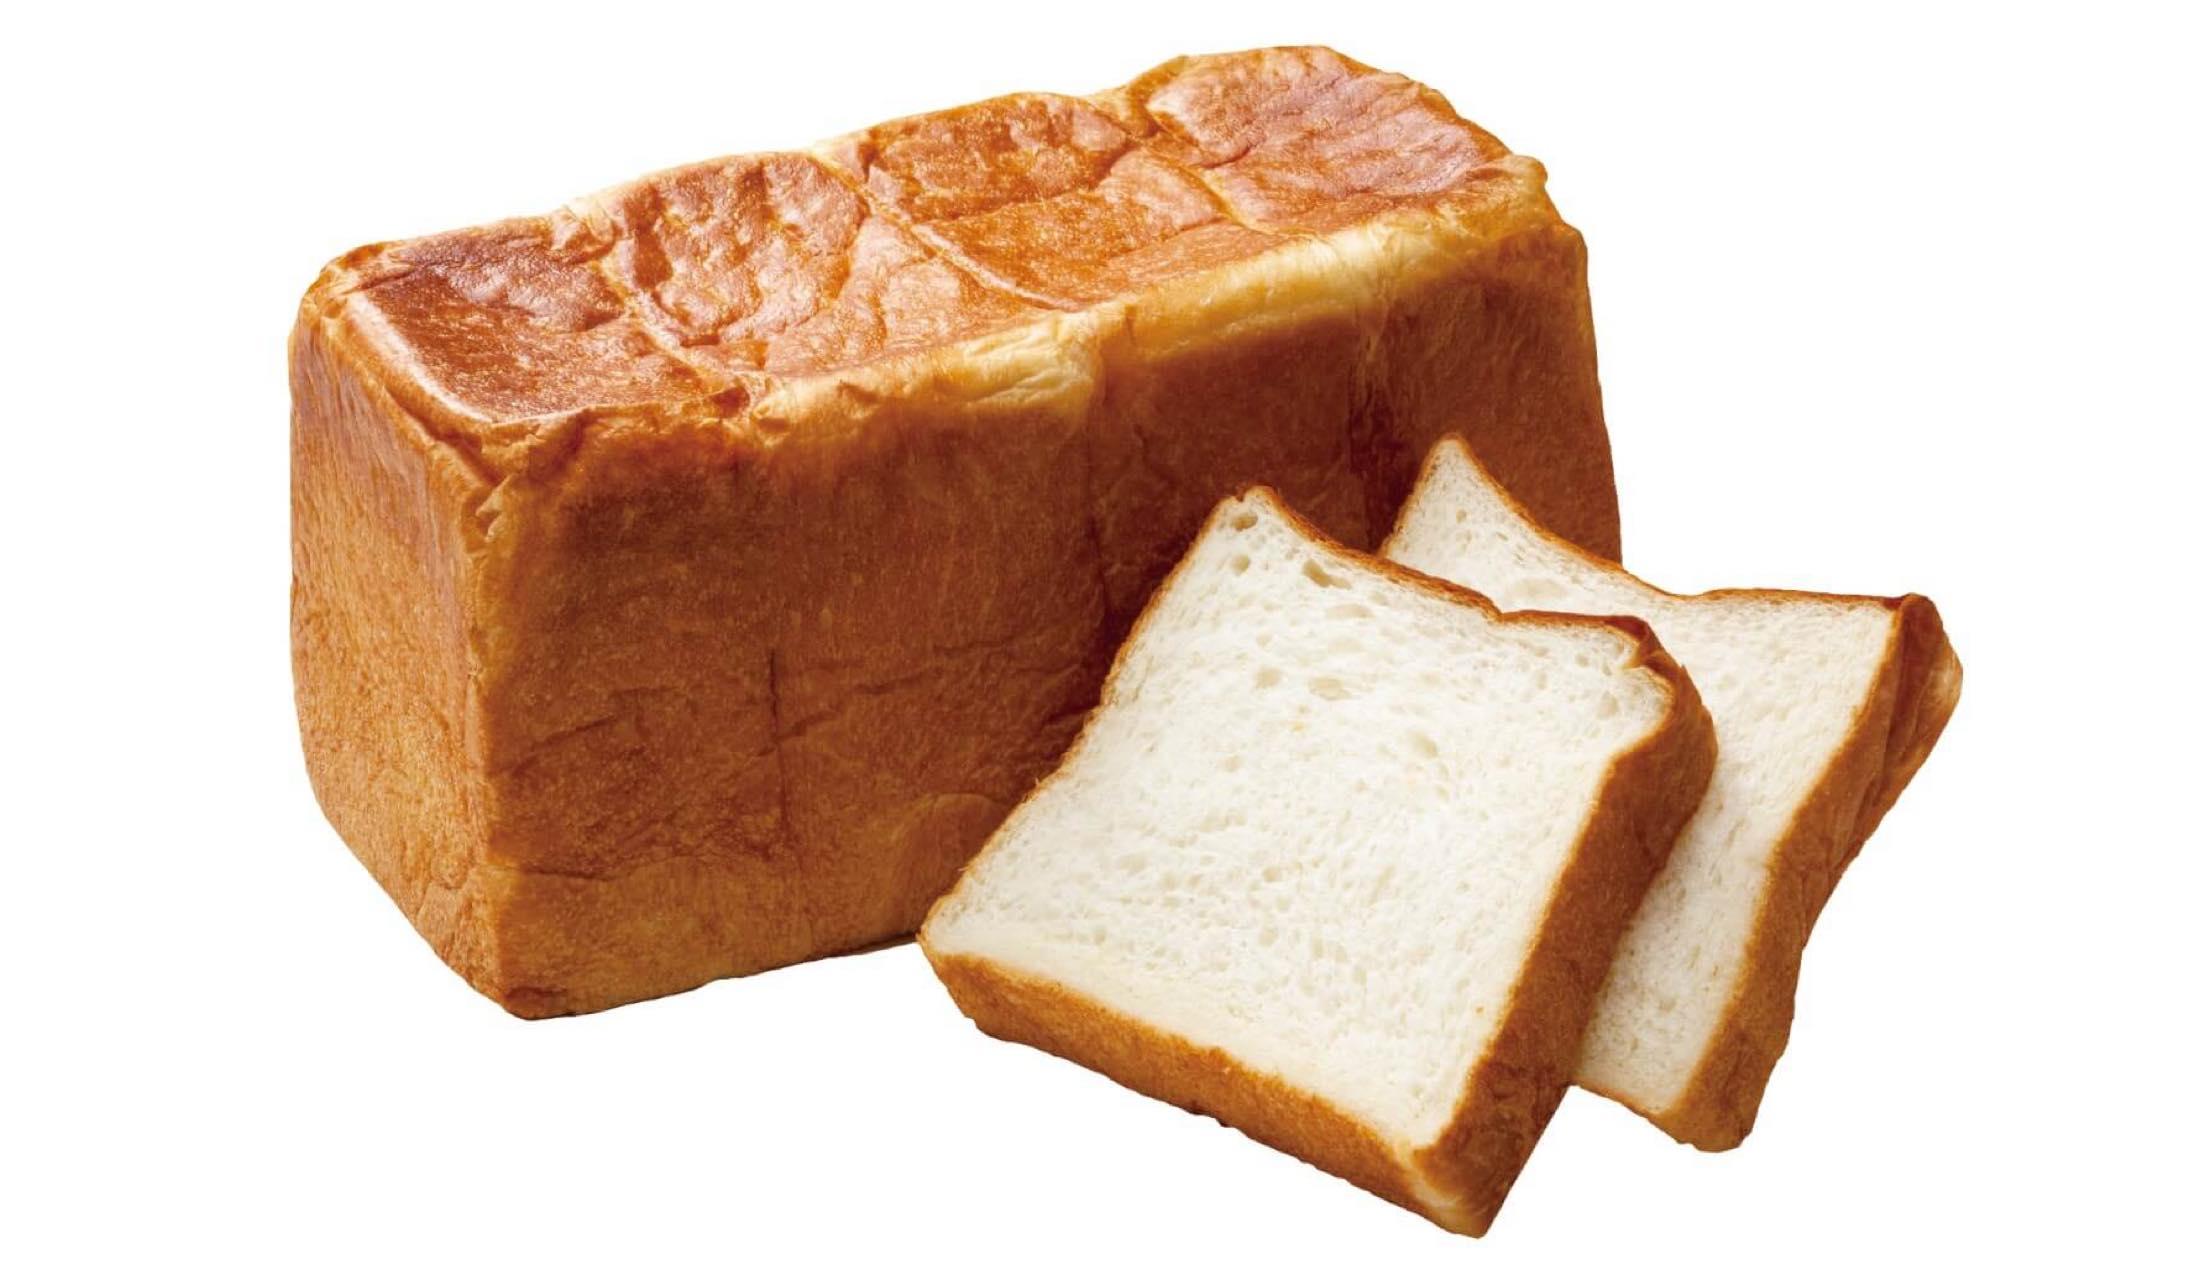 大泉 学園 食パン Boulangerie bee (ブーランジェリー